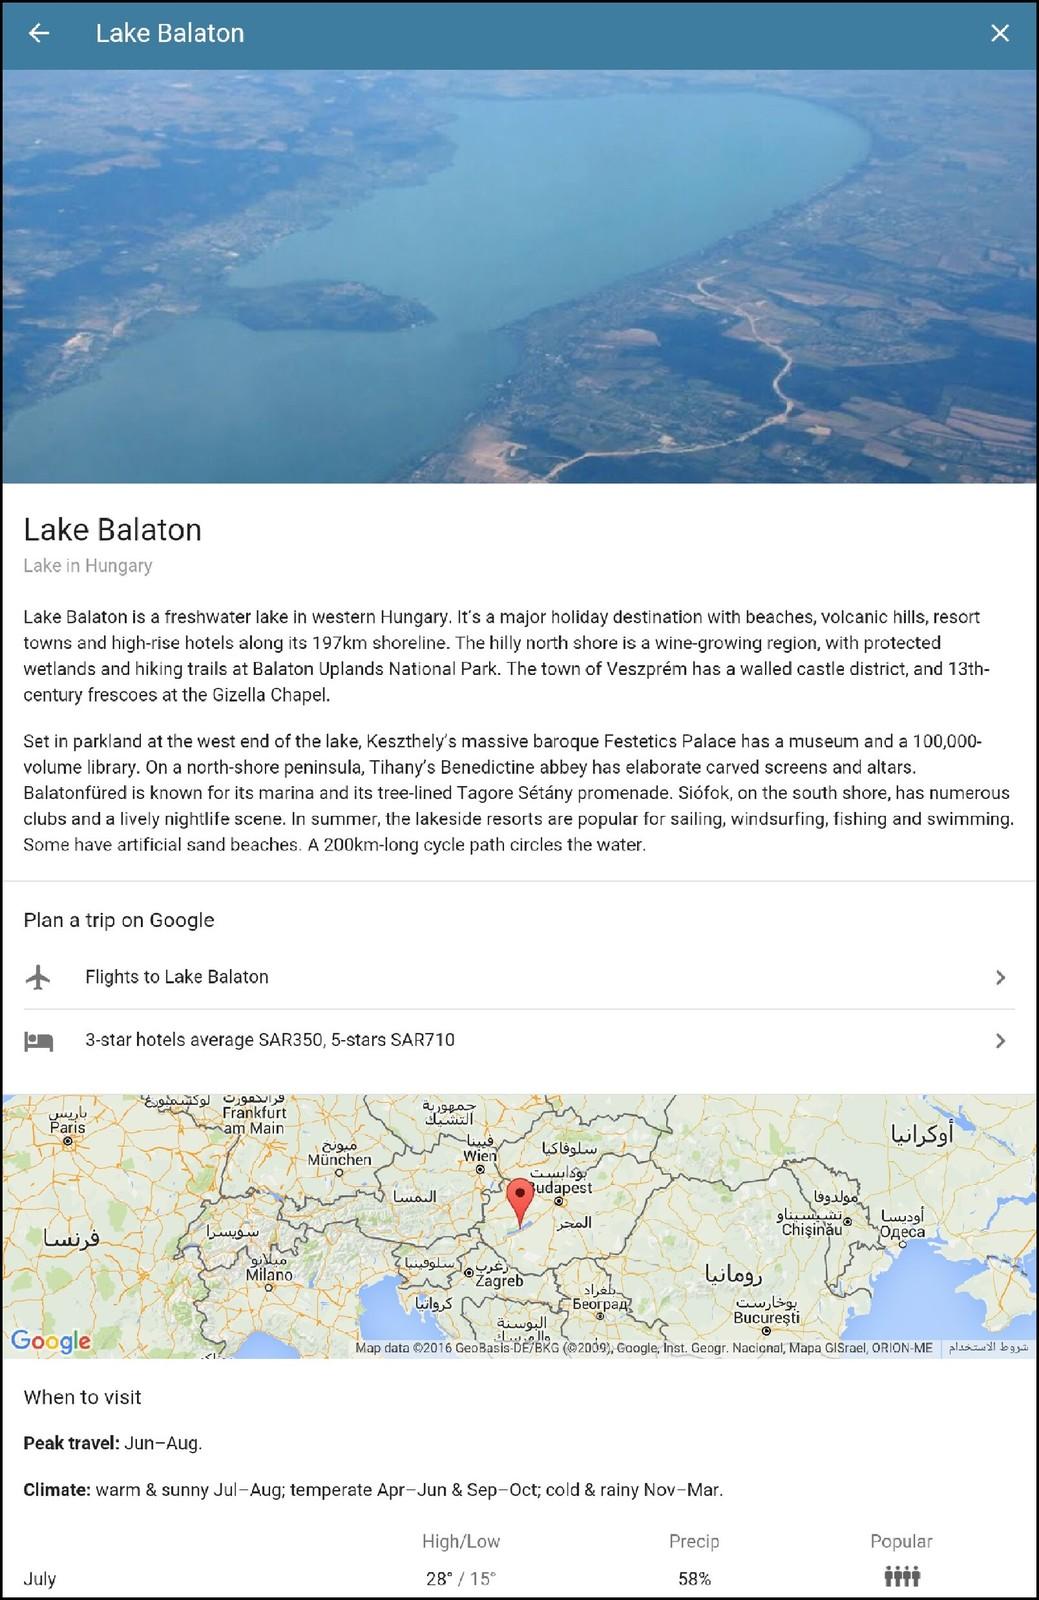 جوجل تمتلك محرك البحث الأول على الإنترنت 687378 المسافرون العرب